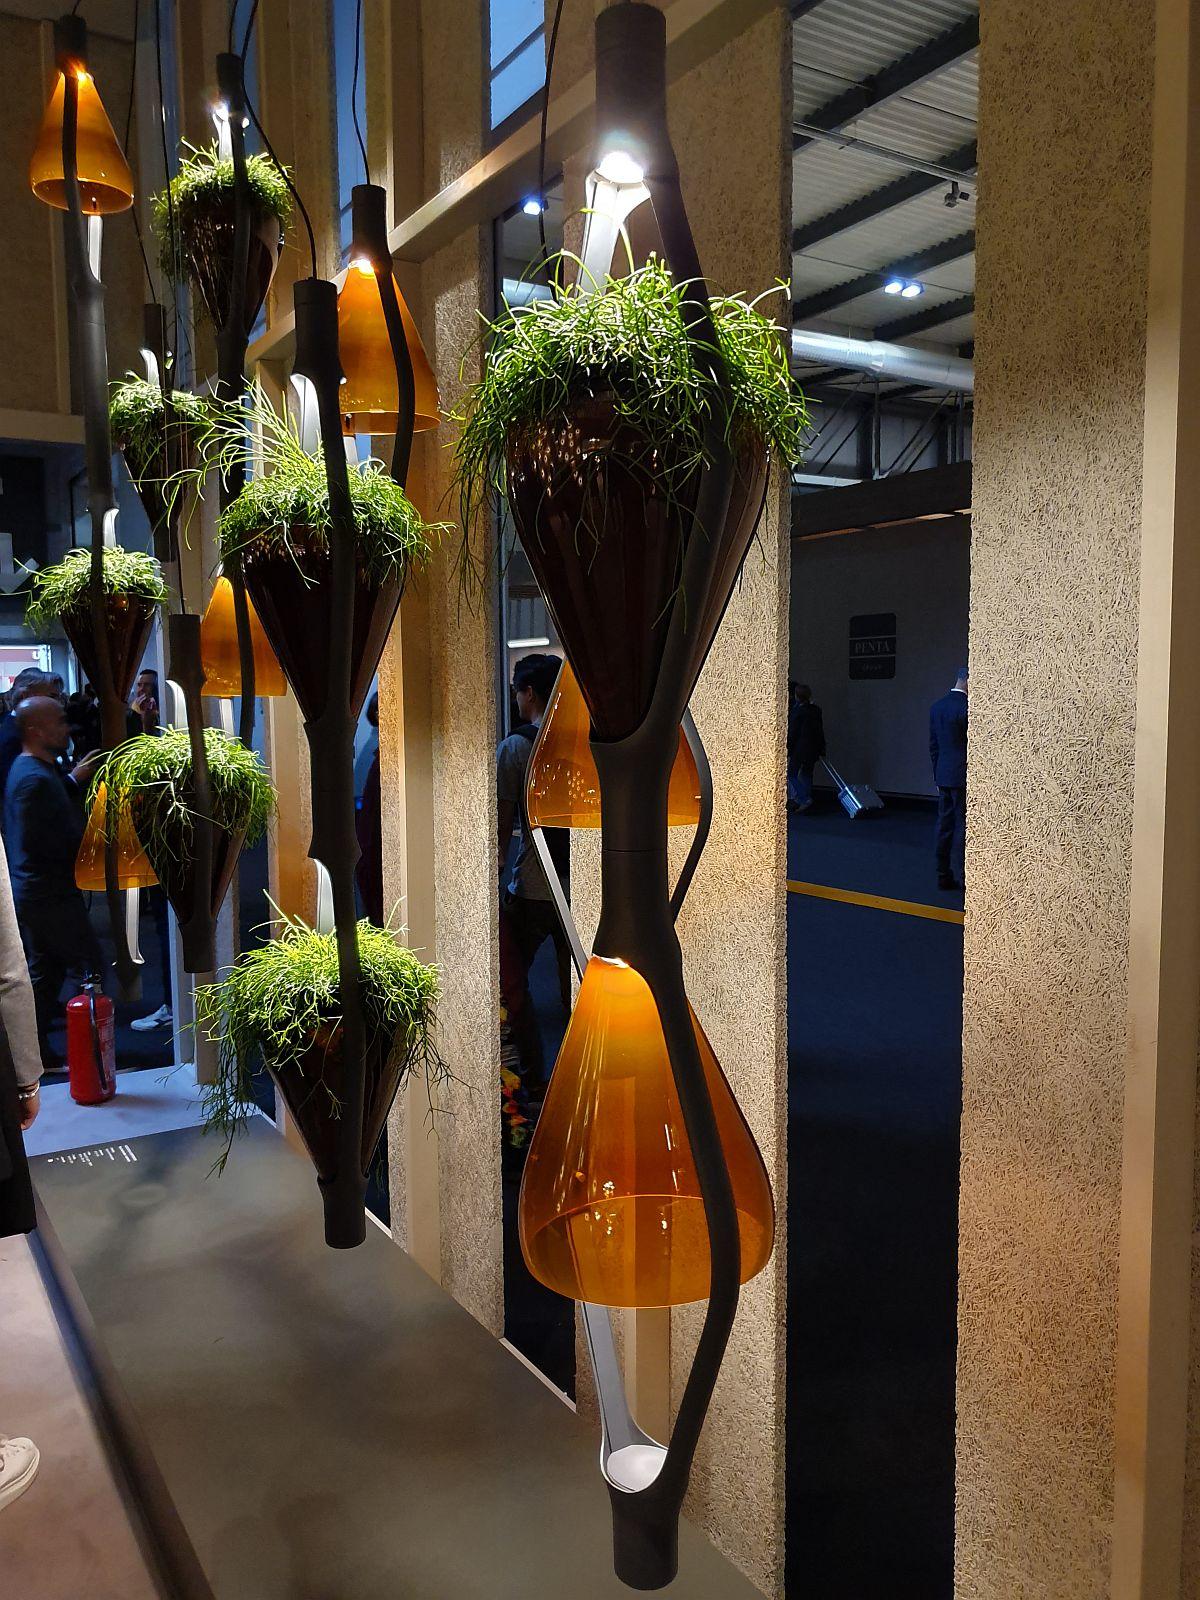 Cei de la Kundalini au creat corpuri de iluminat care să includă și suporturi pentru plante.